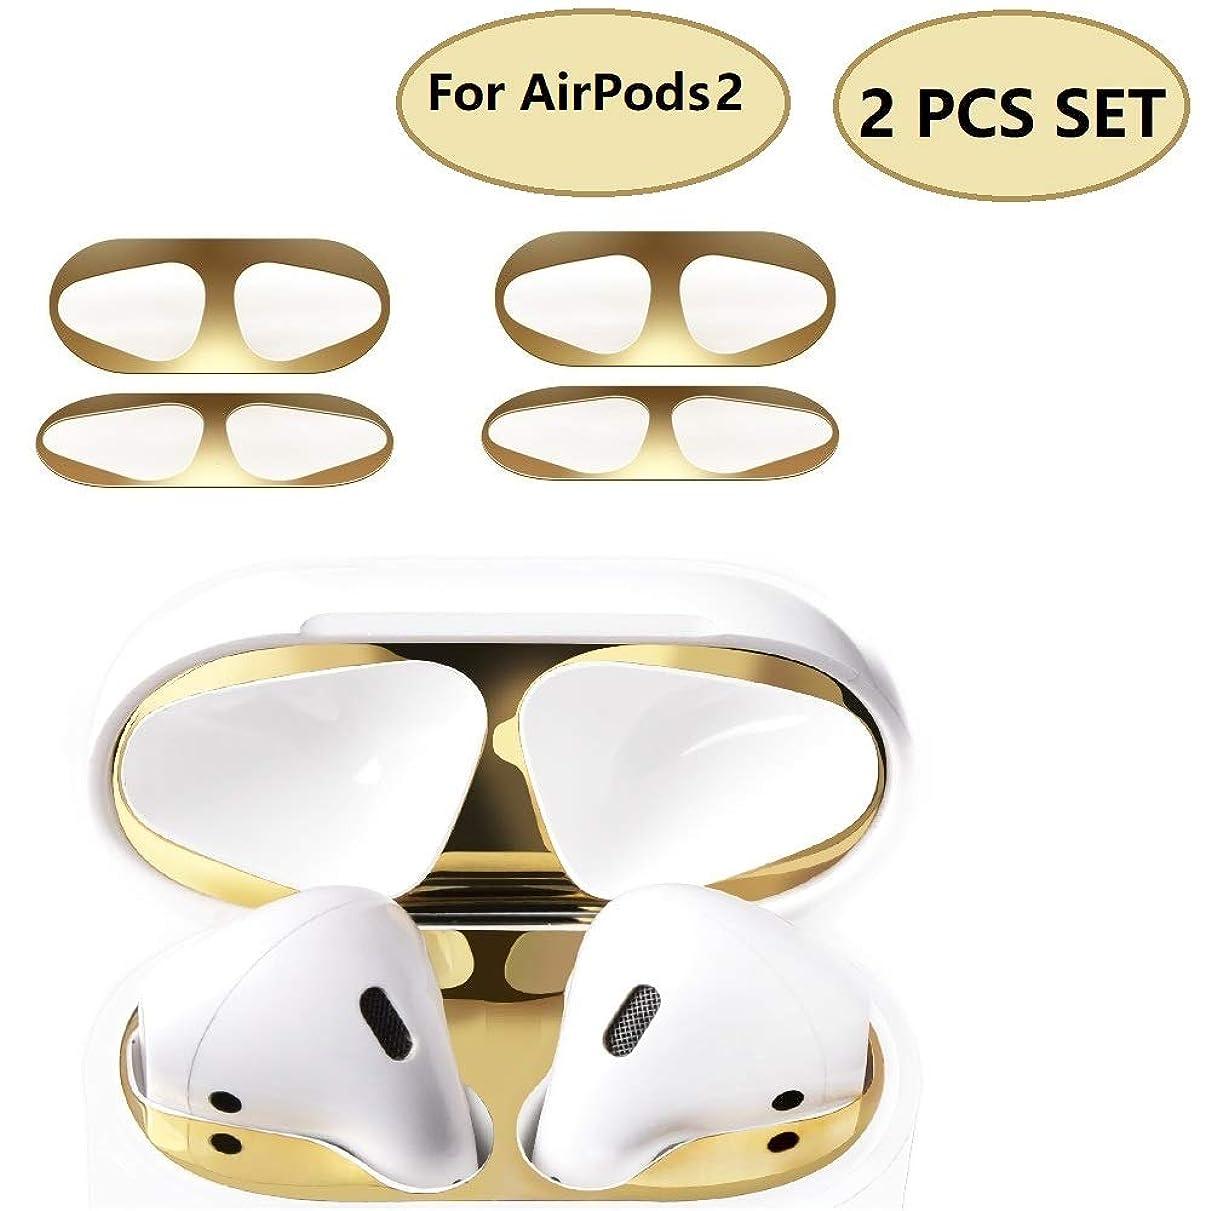 テープボリュームジャグリングJNSA AirPods用ダストガード [2セット] [クロムメッキ] [鉄/金属削りからAirPodsを保護] [豪華な外観] Apple AirPods 2 (Latest Model)